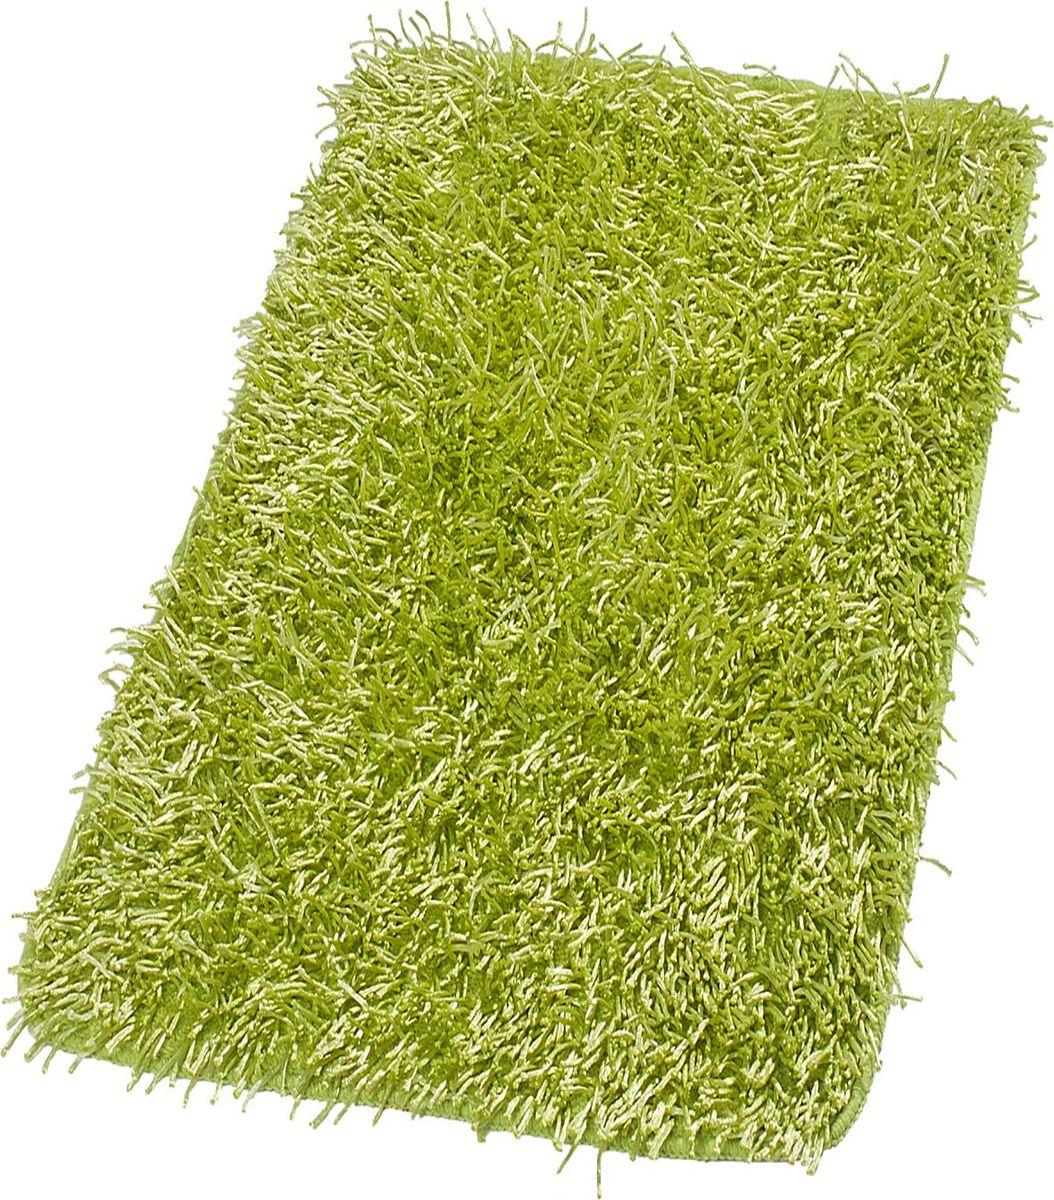 Коврик для ванной Ridder Bob, цвет: зеленый, 70 х 120 см мыльница ridder bob цвет зеленый